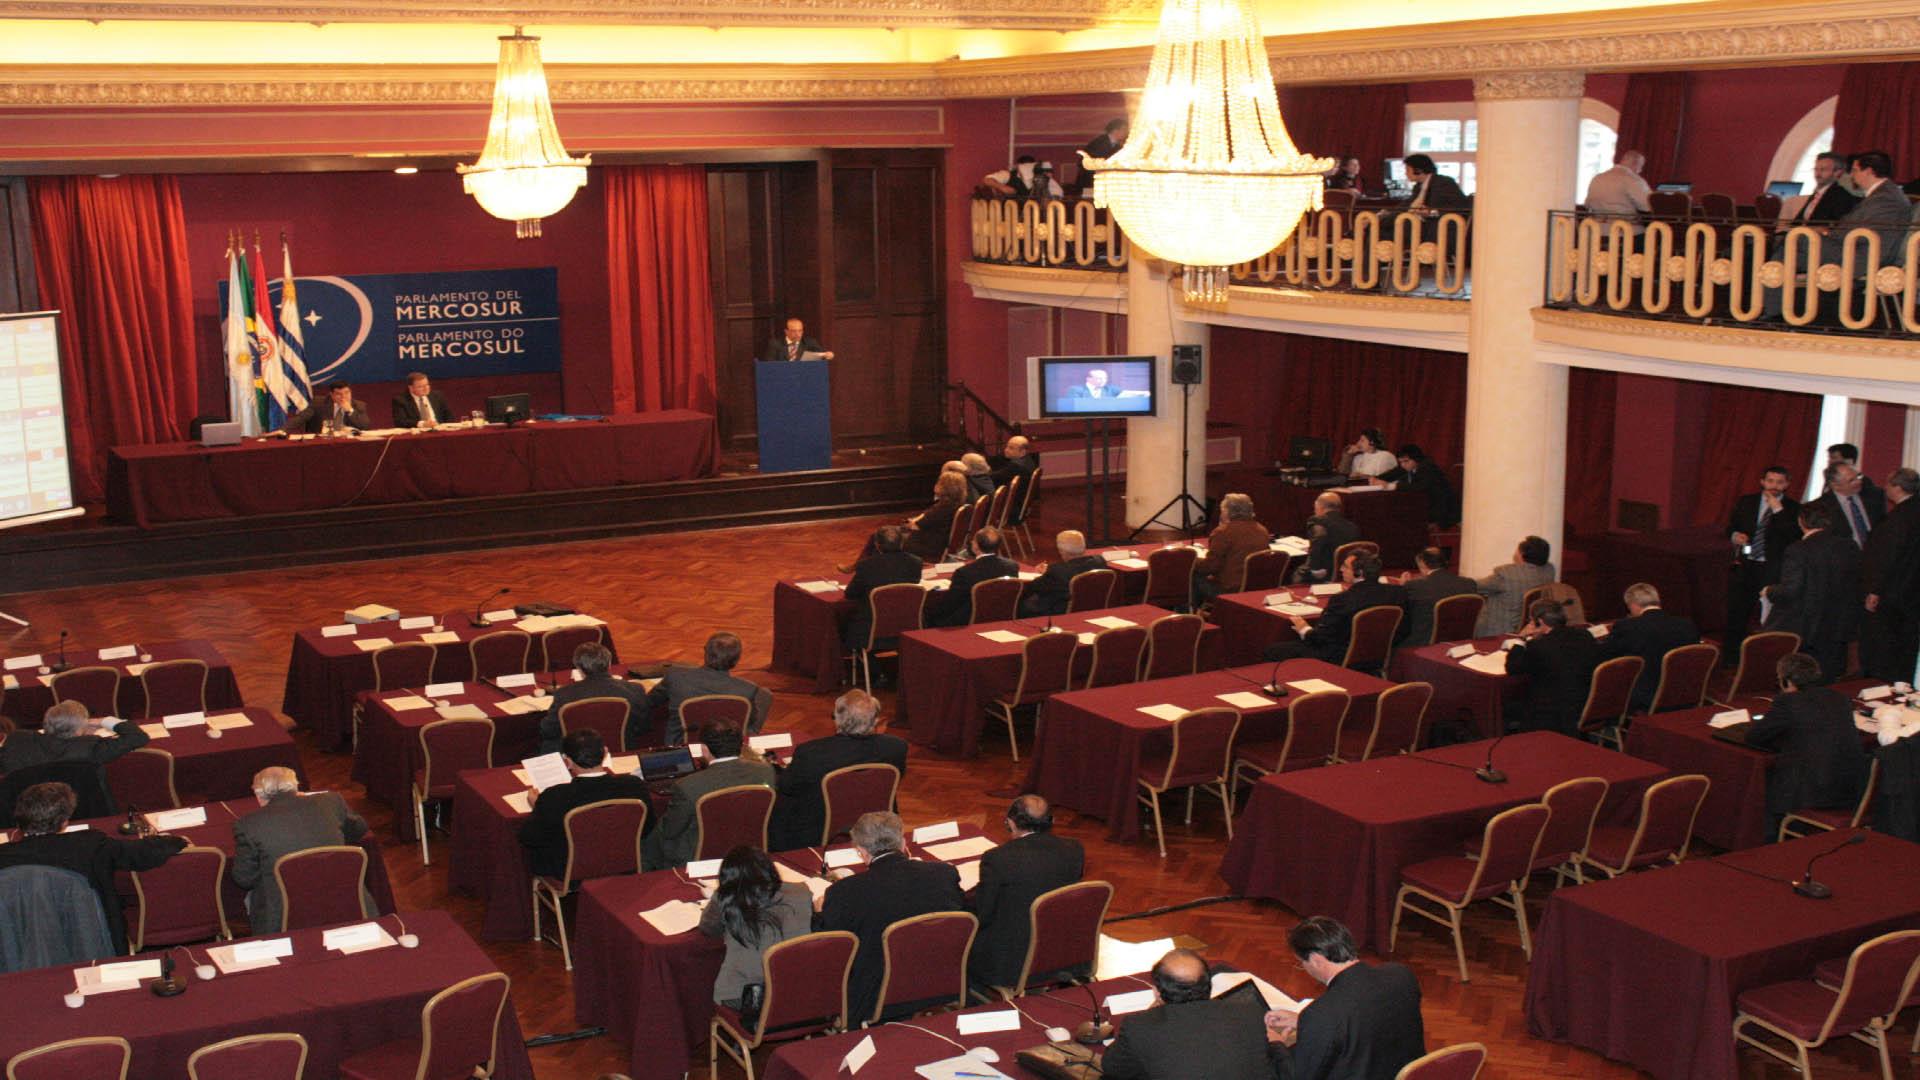 El país andino había firmado su adhesión al Mercosur en julio del 2015